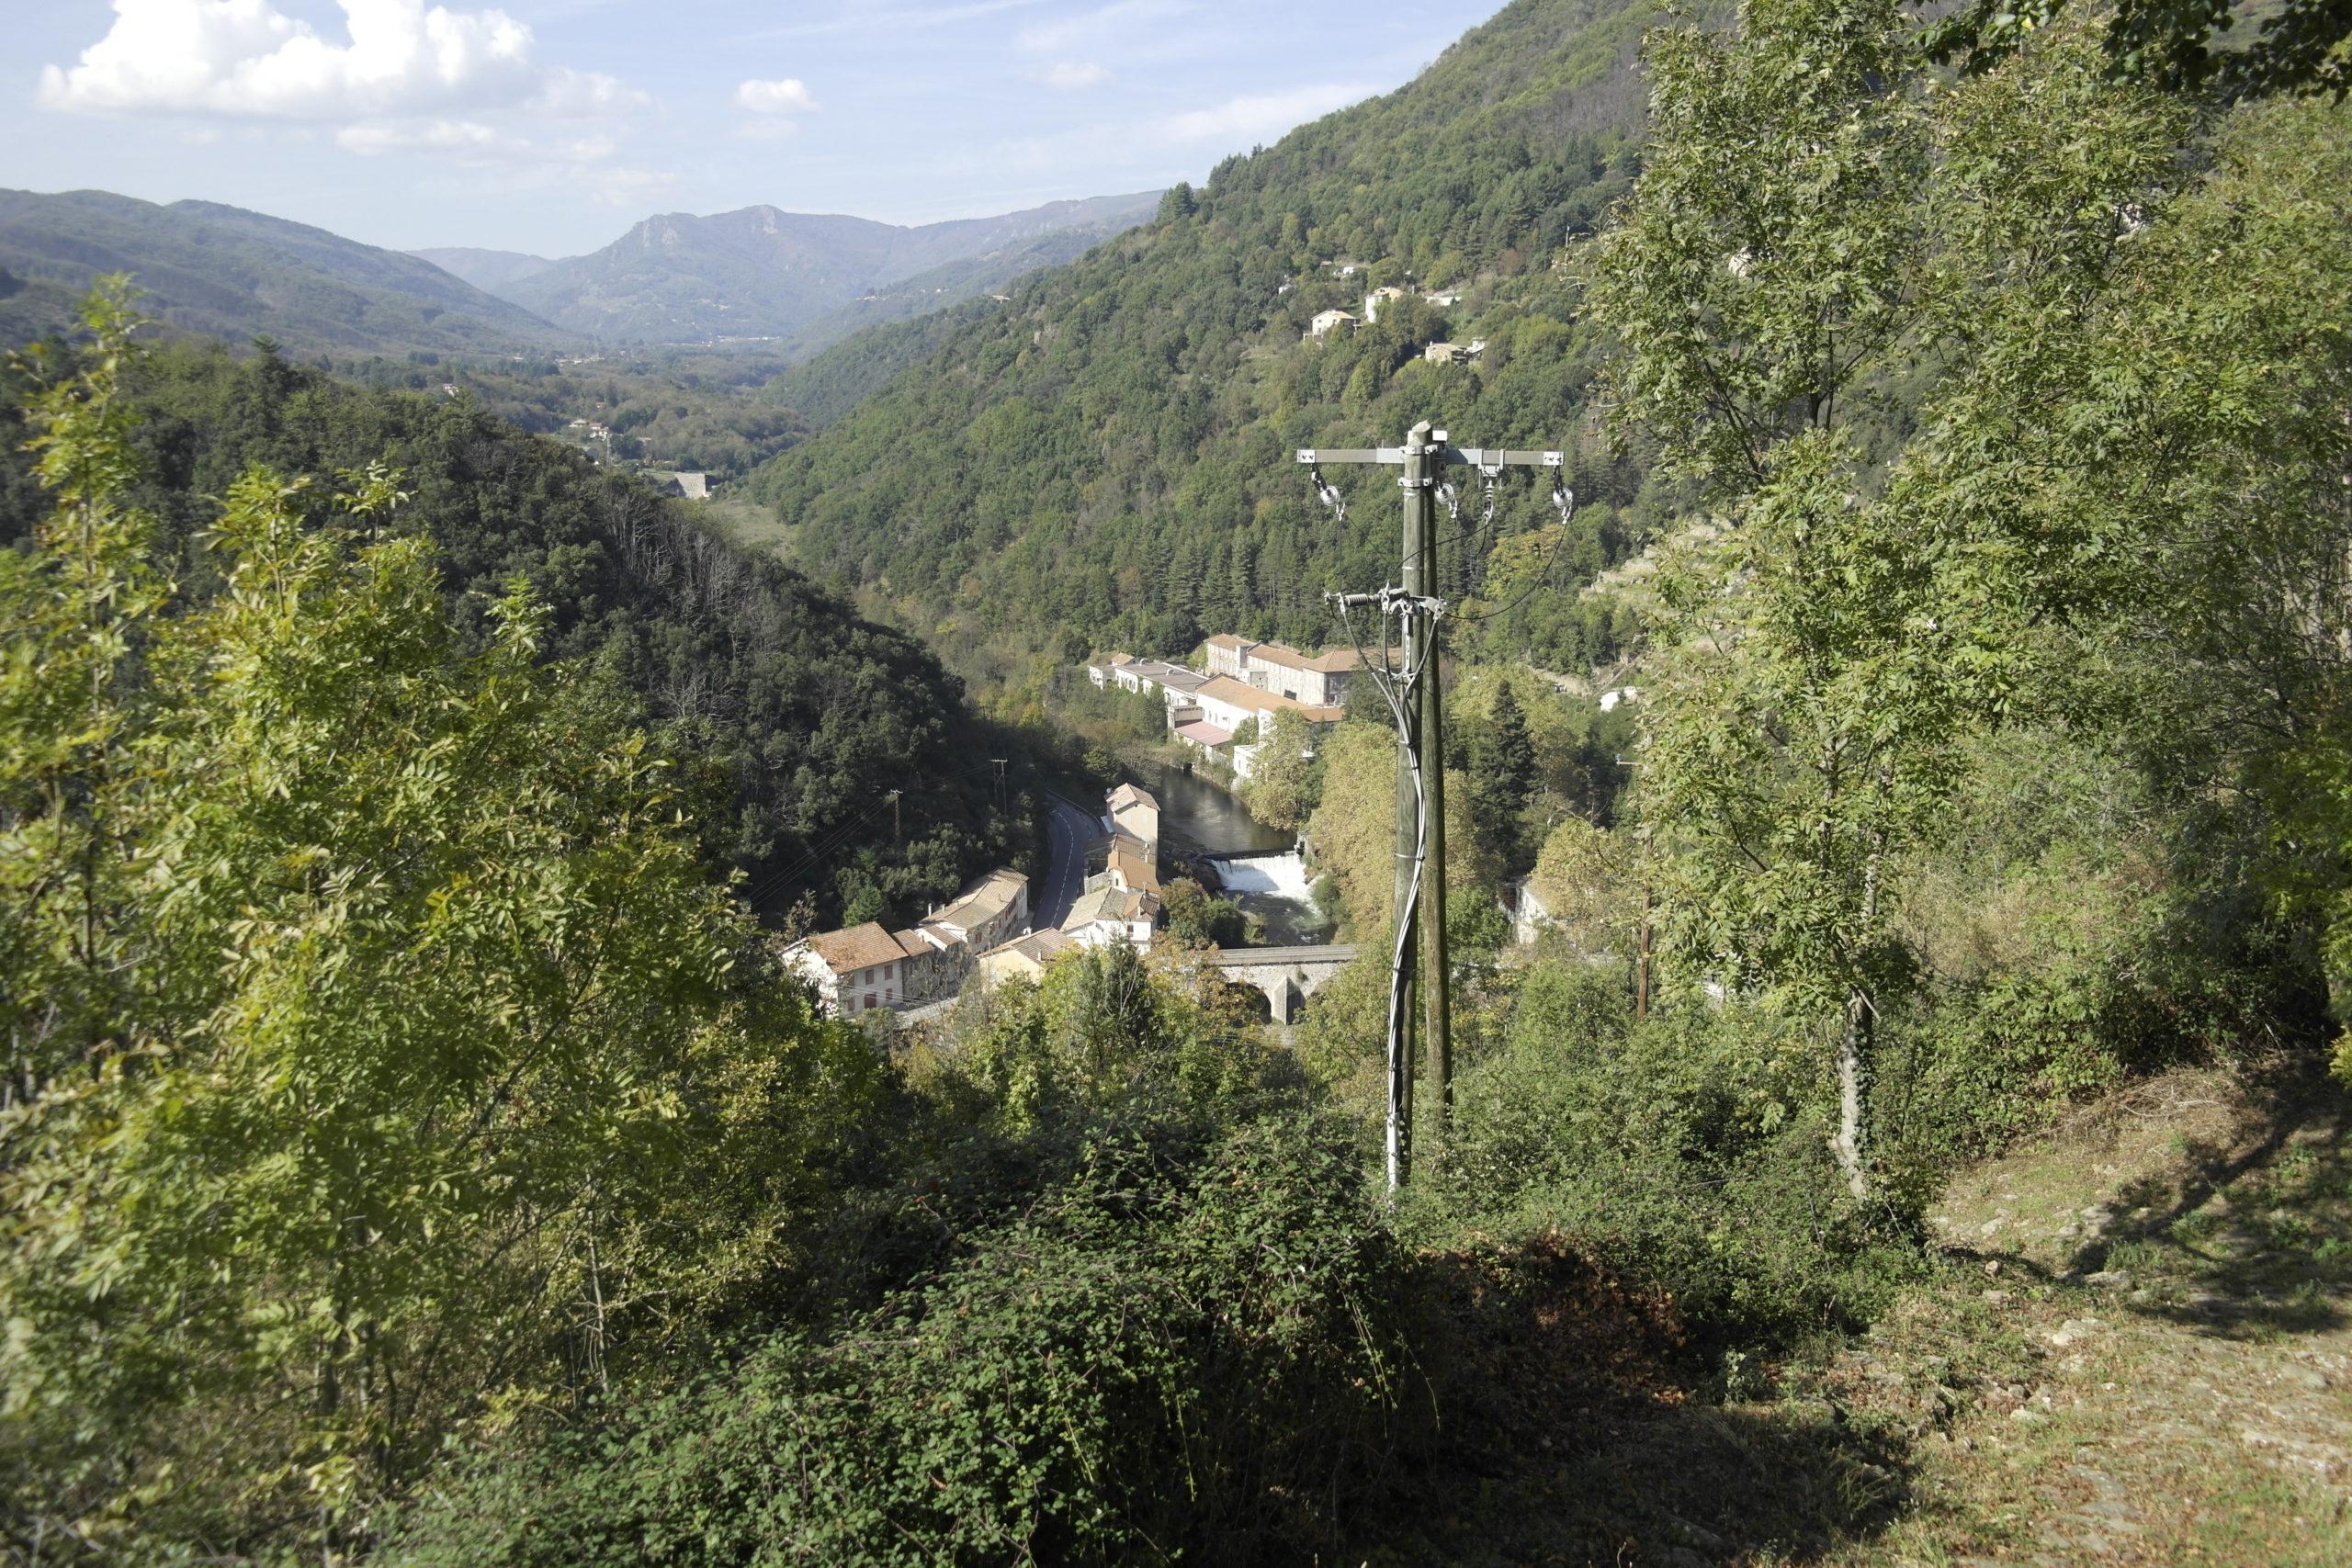 vue de loin, le moulinage est au fond de la vallée de la Fontaulière, entourée de montagnes boisées